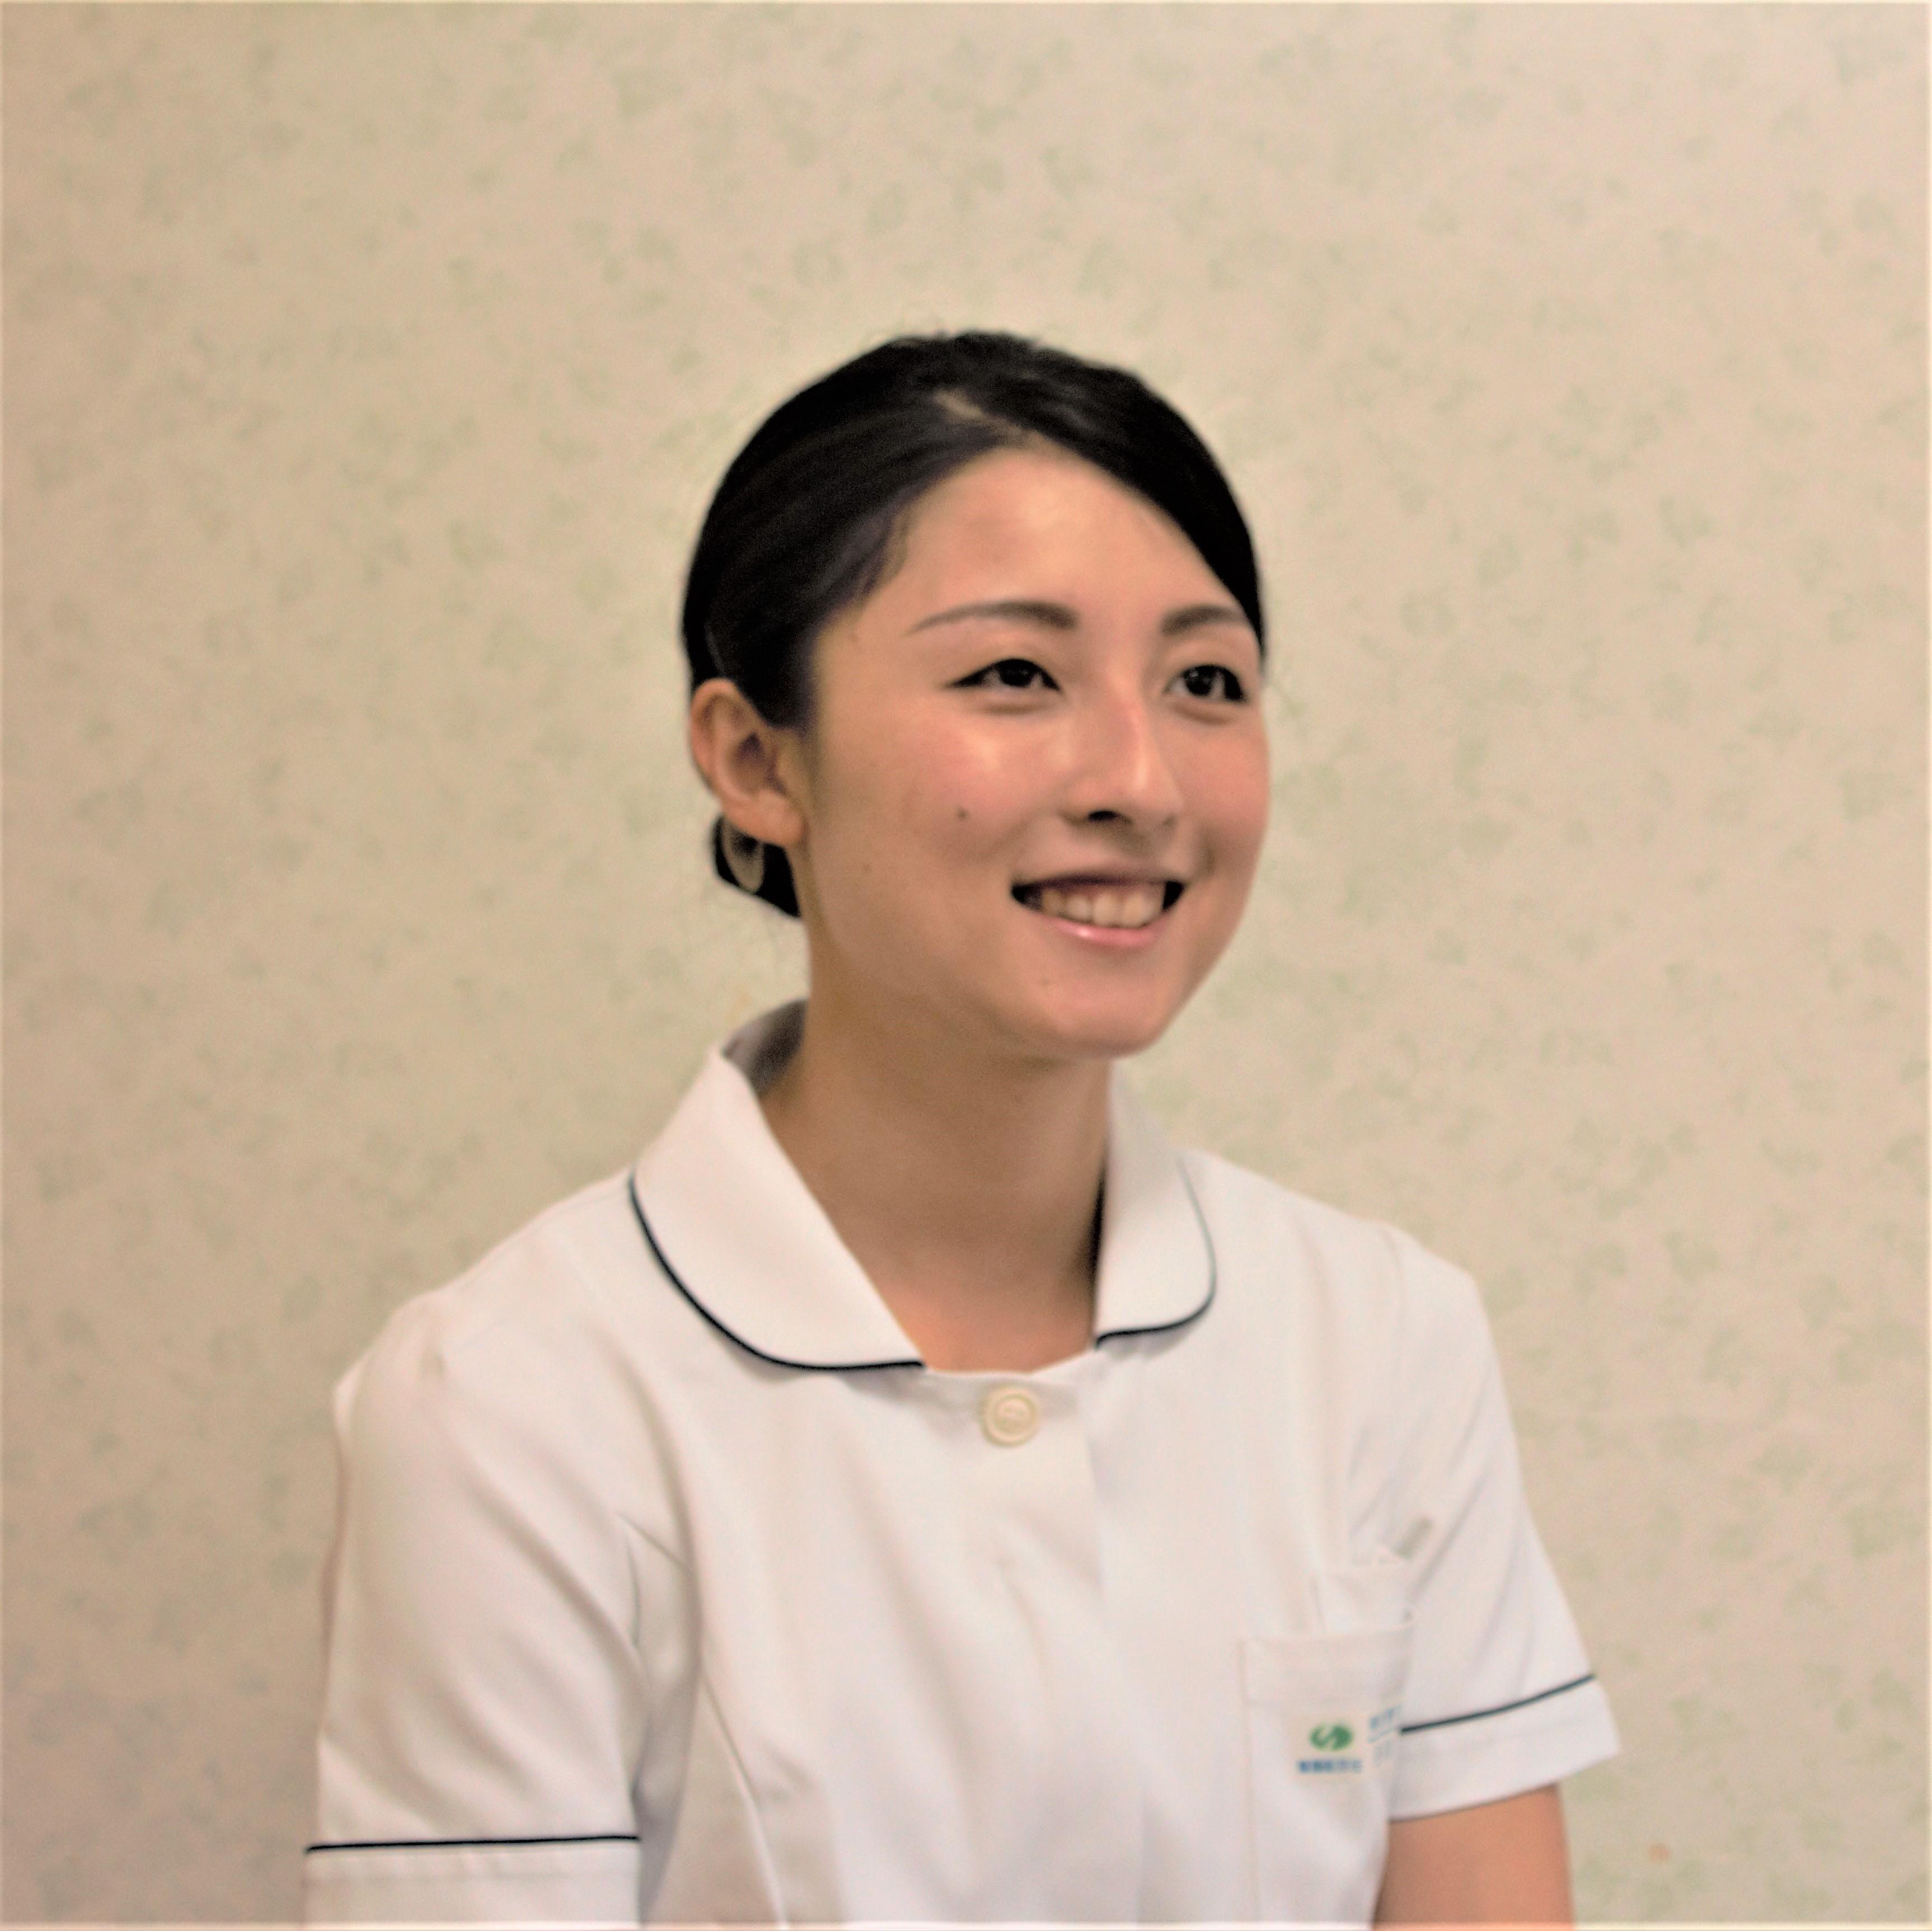 看護師Yさん